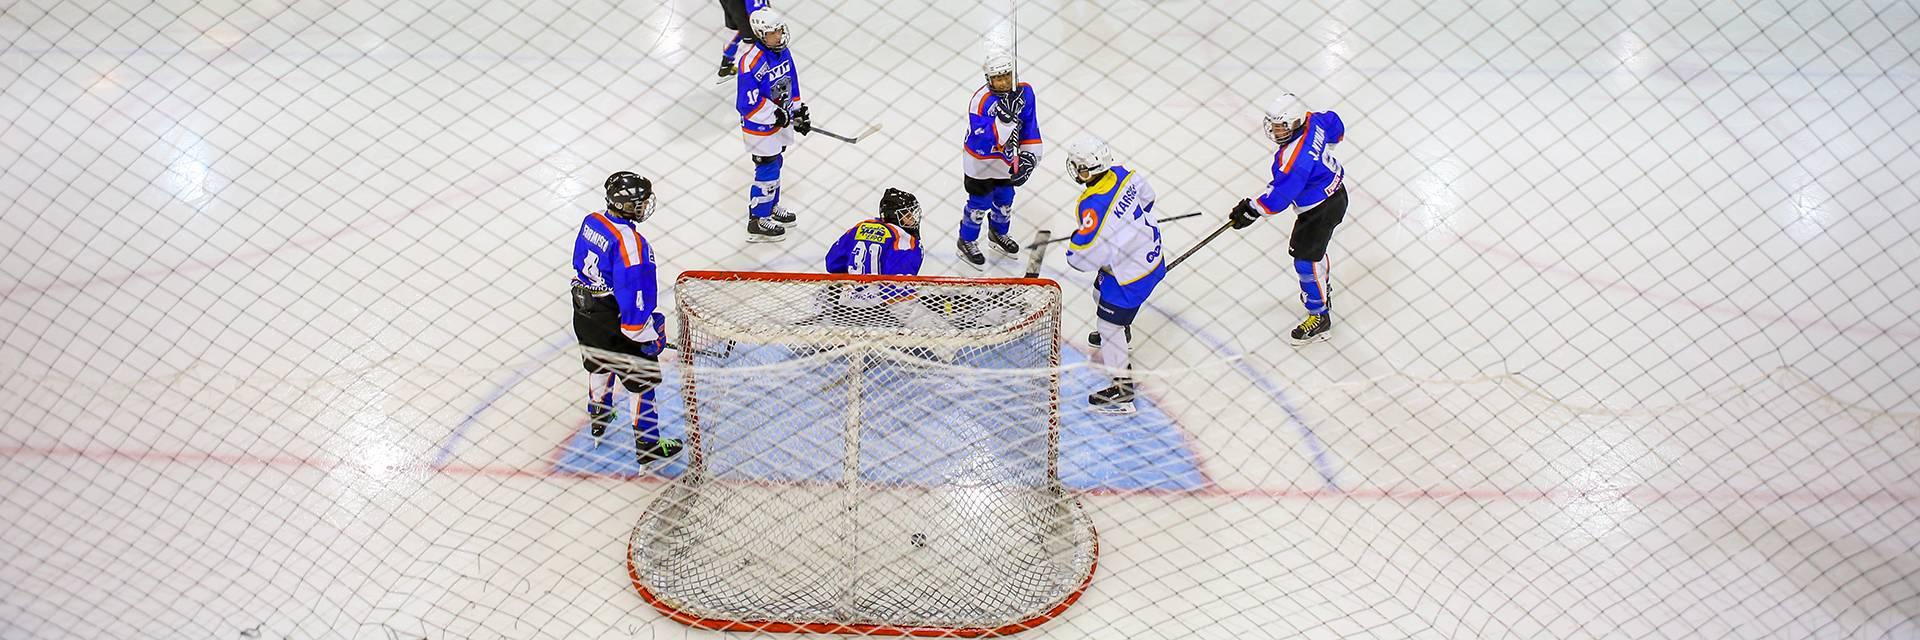 apset pelaavat jääkiekkoa Wareenassa